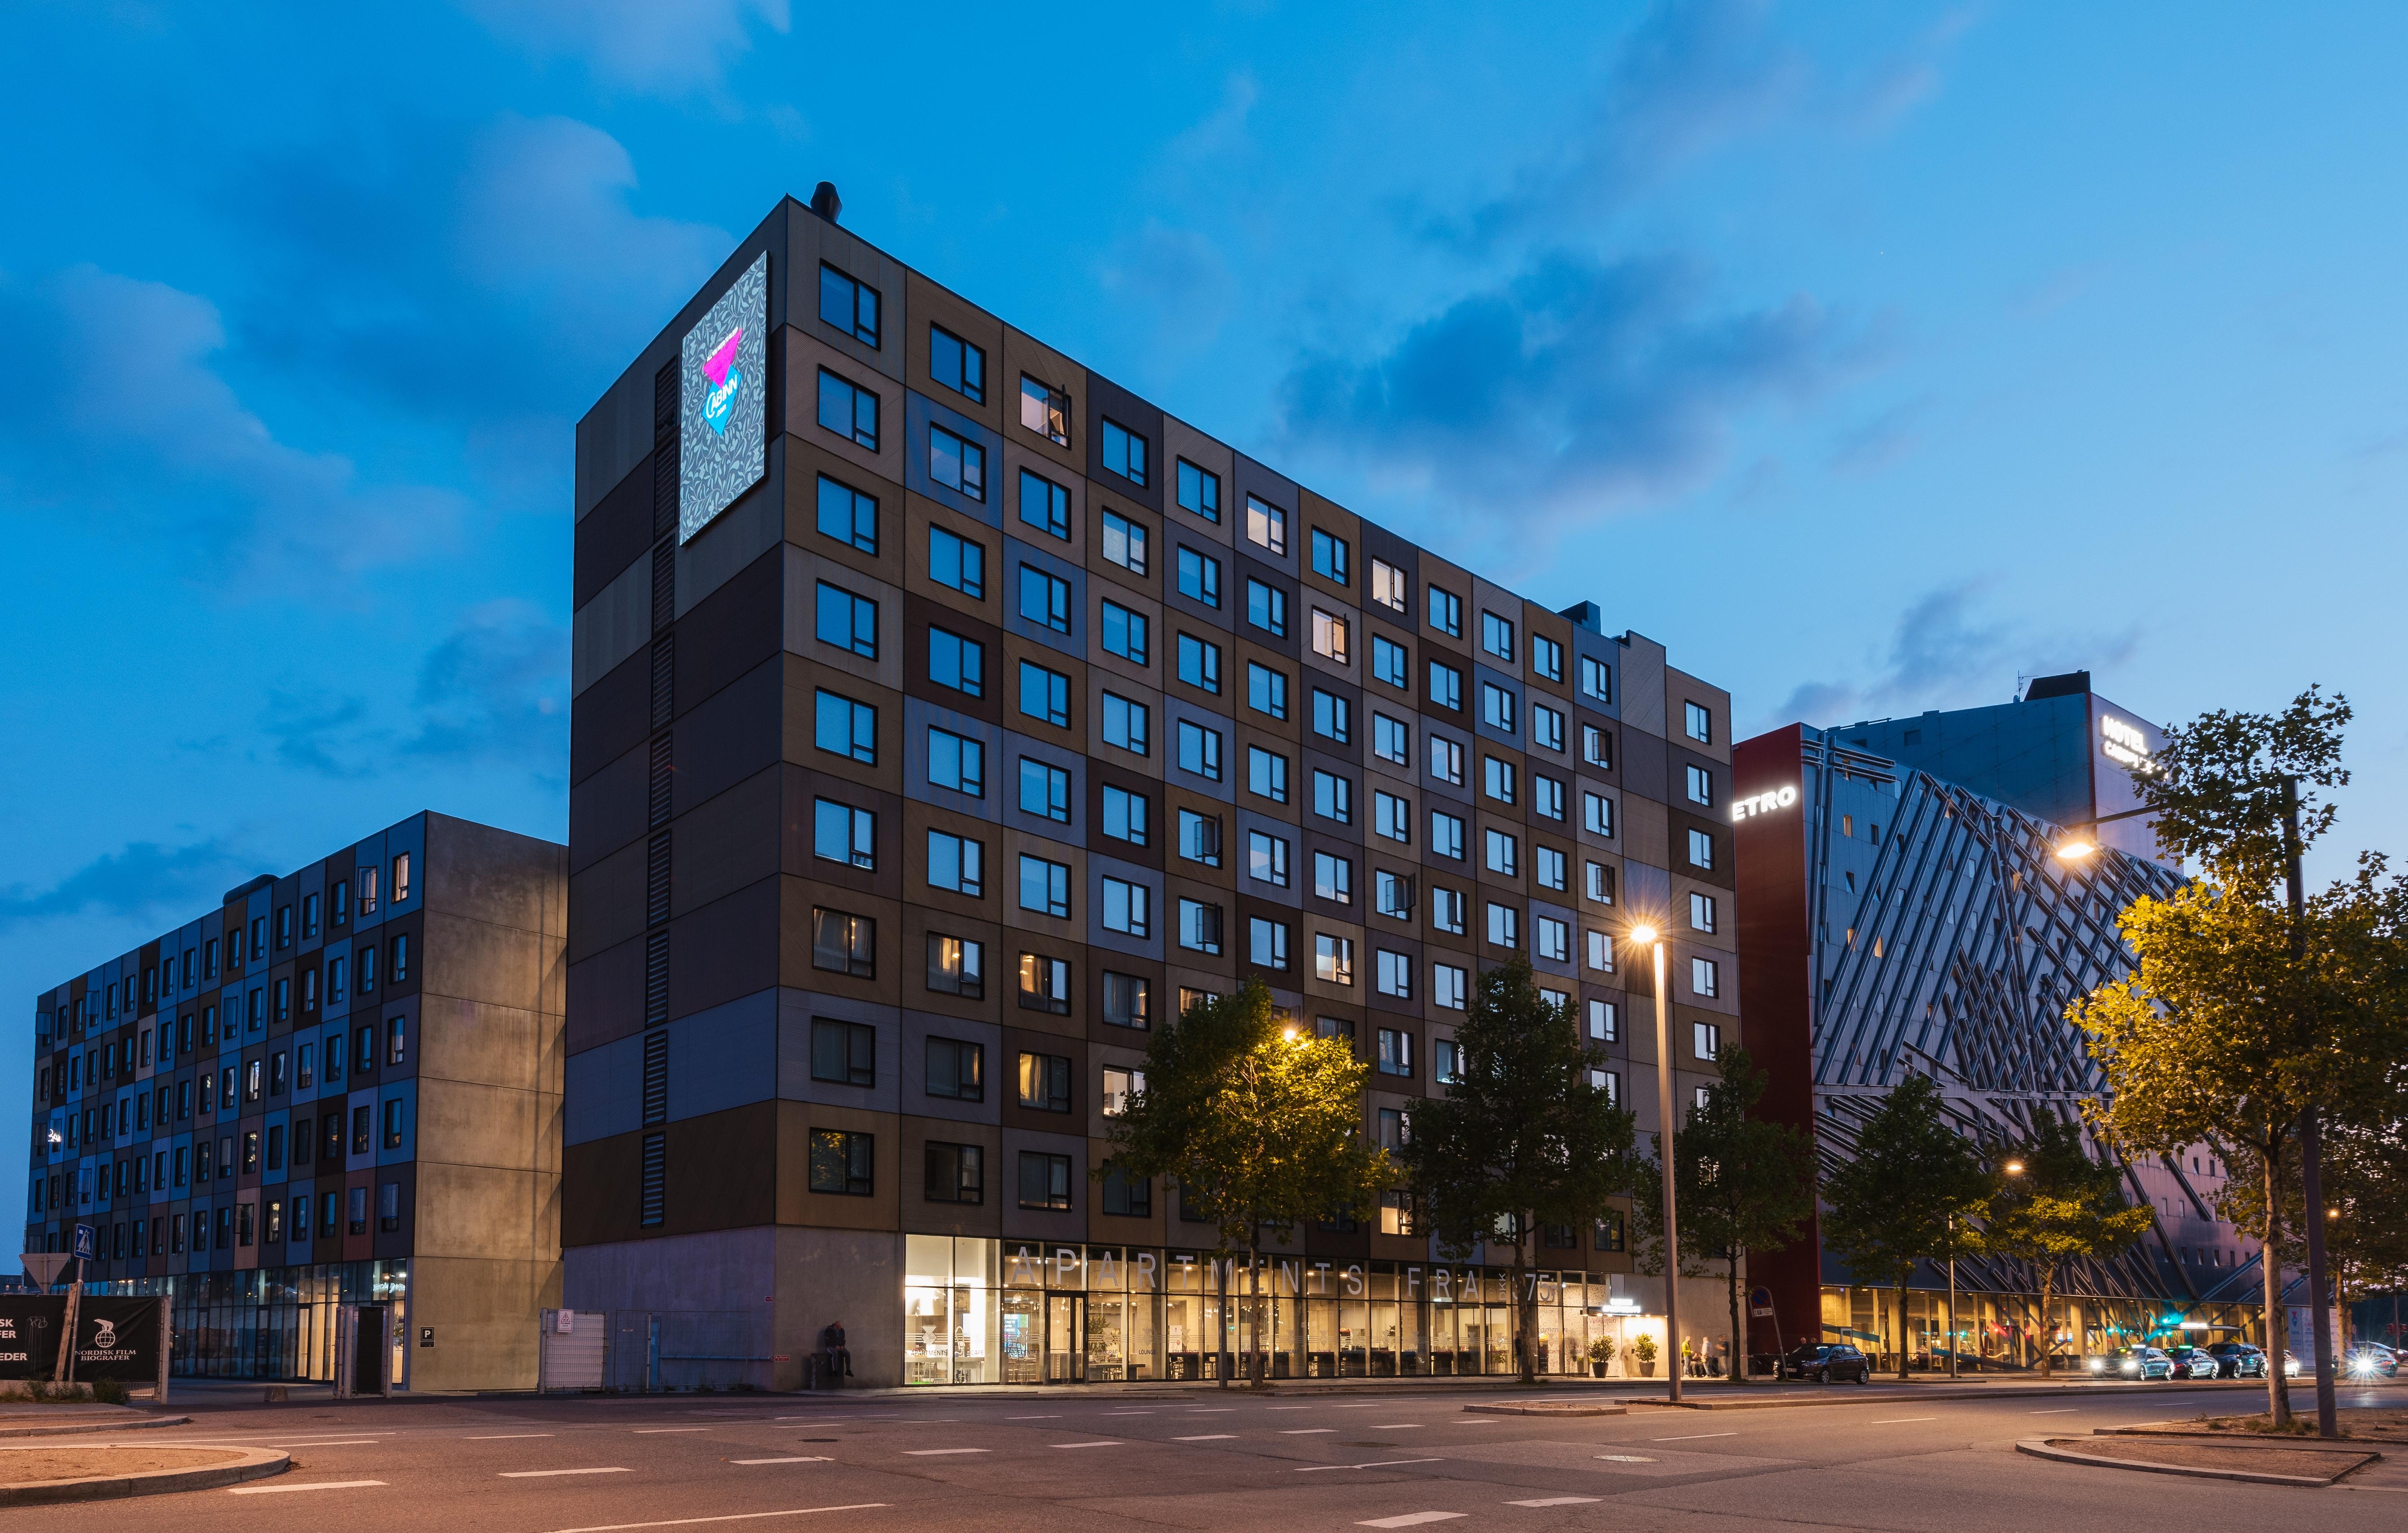 CabInn Village i Ørestad ved København tæller foreløbig hotellet CabInn Metro med 709 værelser og CabInn Apartments med 519 hotellejligheder. Der er Grand Opening for CabInn Apartments 4. oktober. Foto: CabInn.